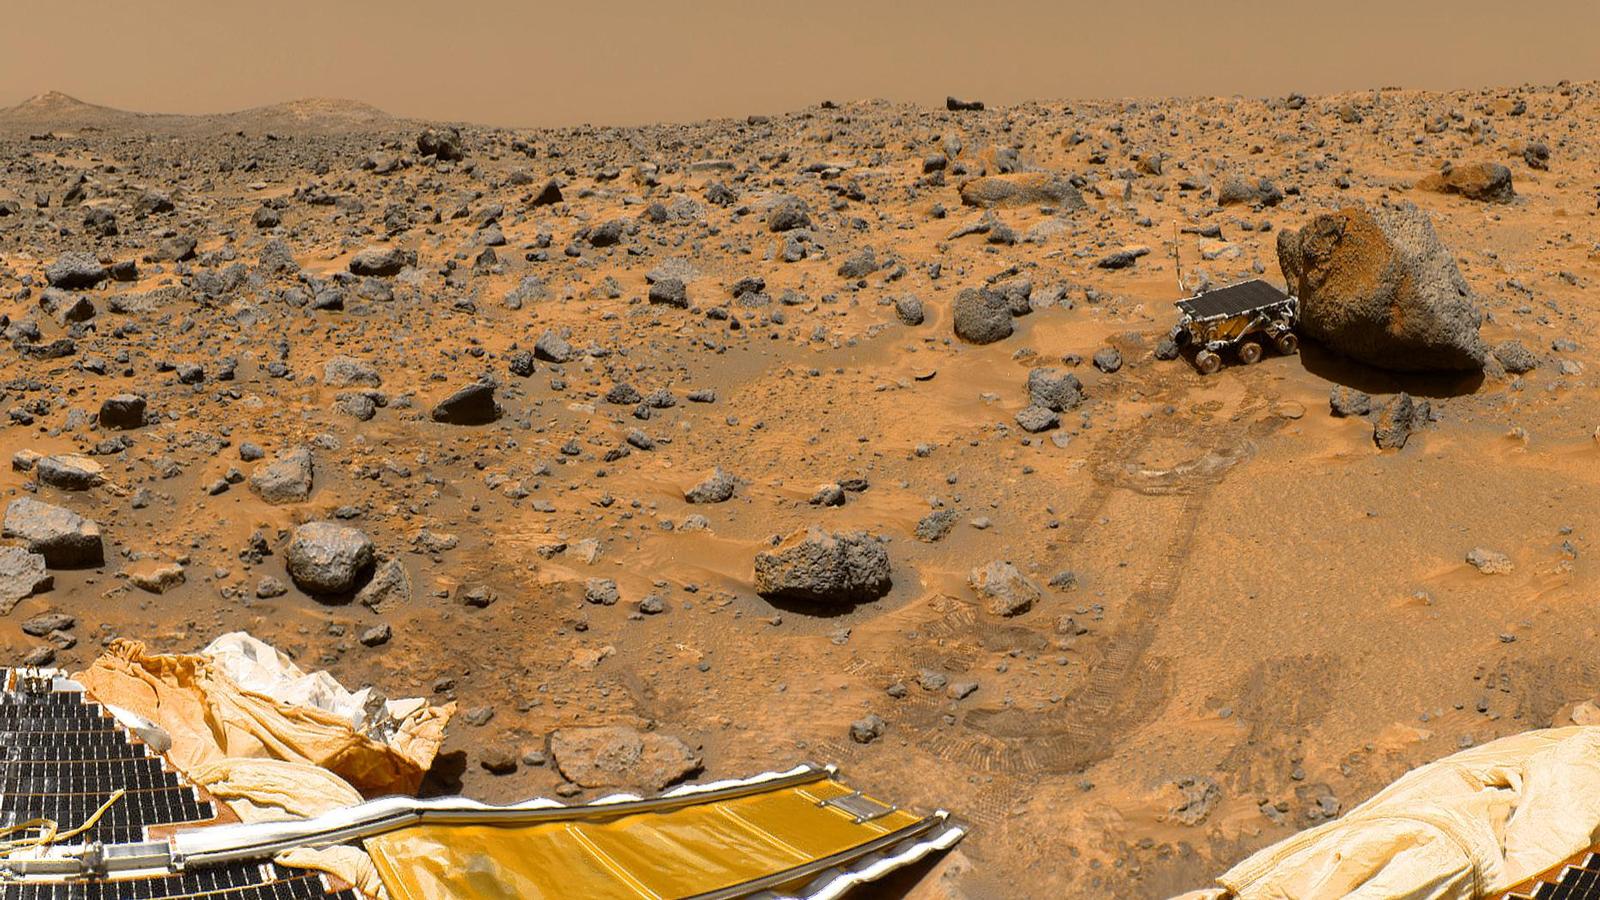 De la vie sur Mars découverte en 1976 ? Pourquoi il faut prendre ce « buzz » avec précaution